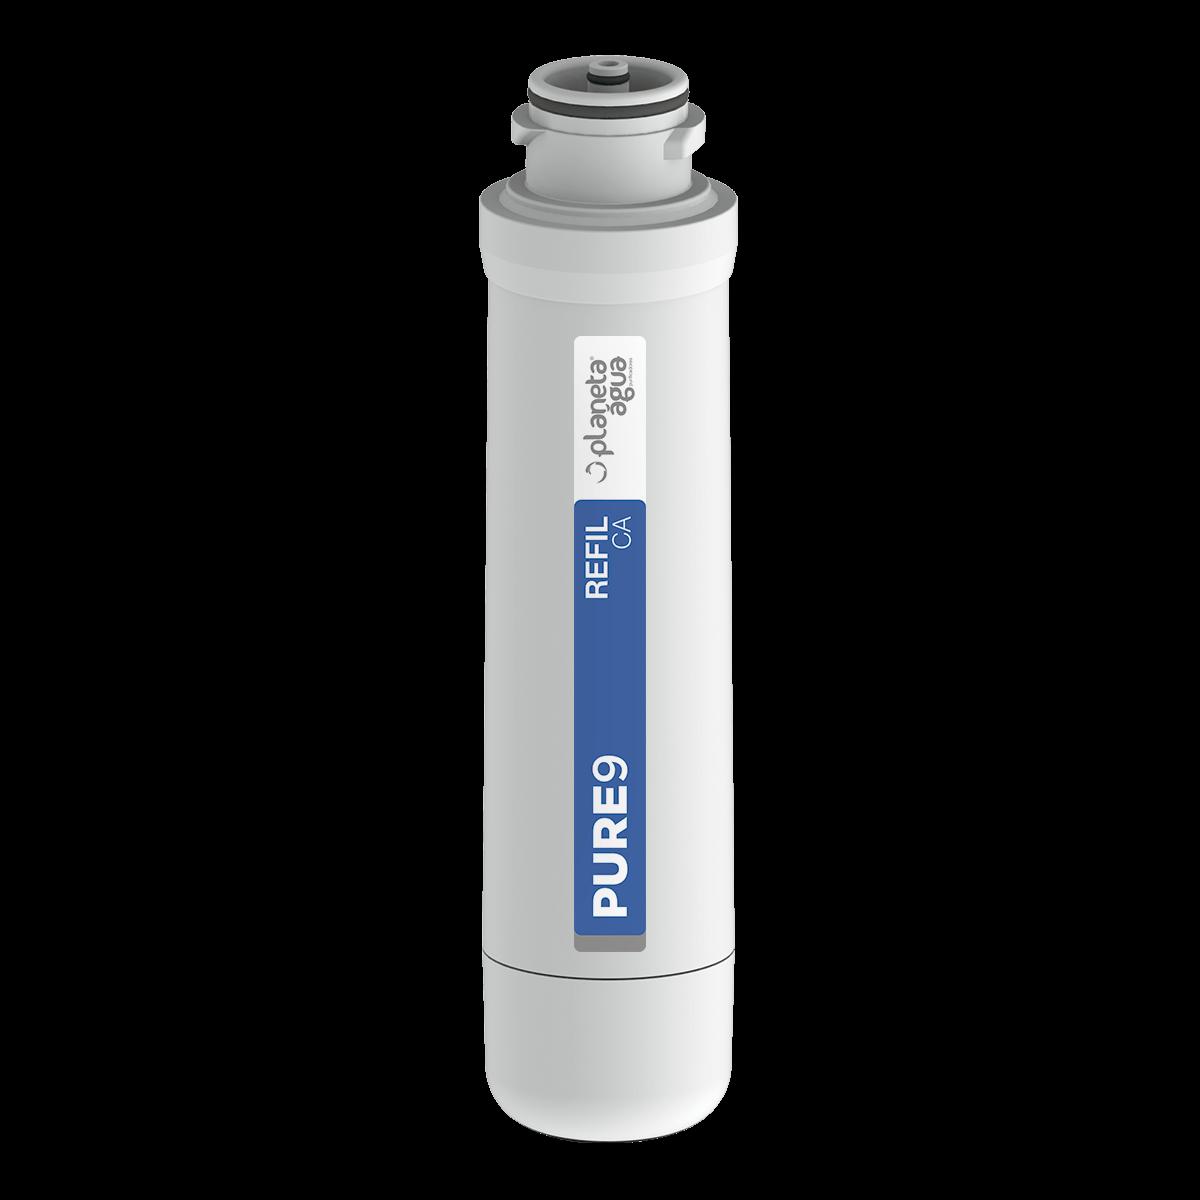 Refil Filtro Purificador De Água Planeta Água Pure9 Ca  - DOTEC SHOP